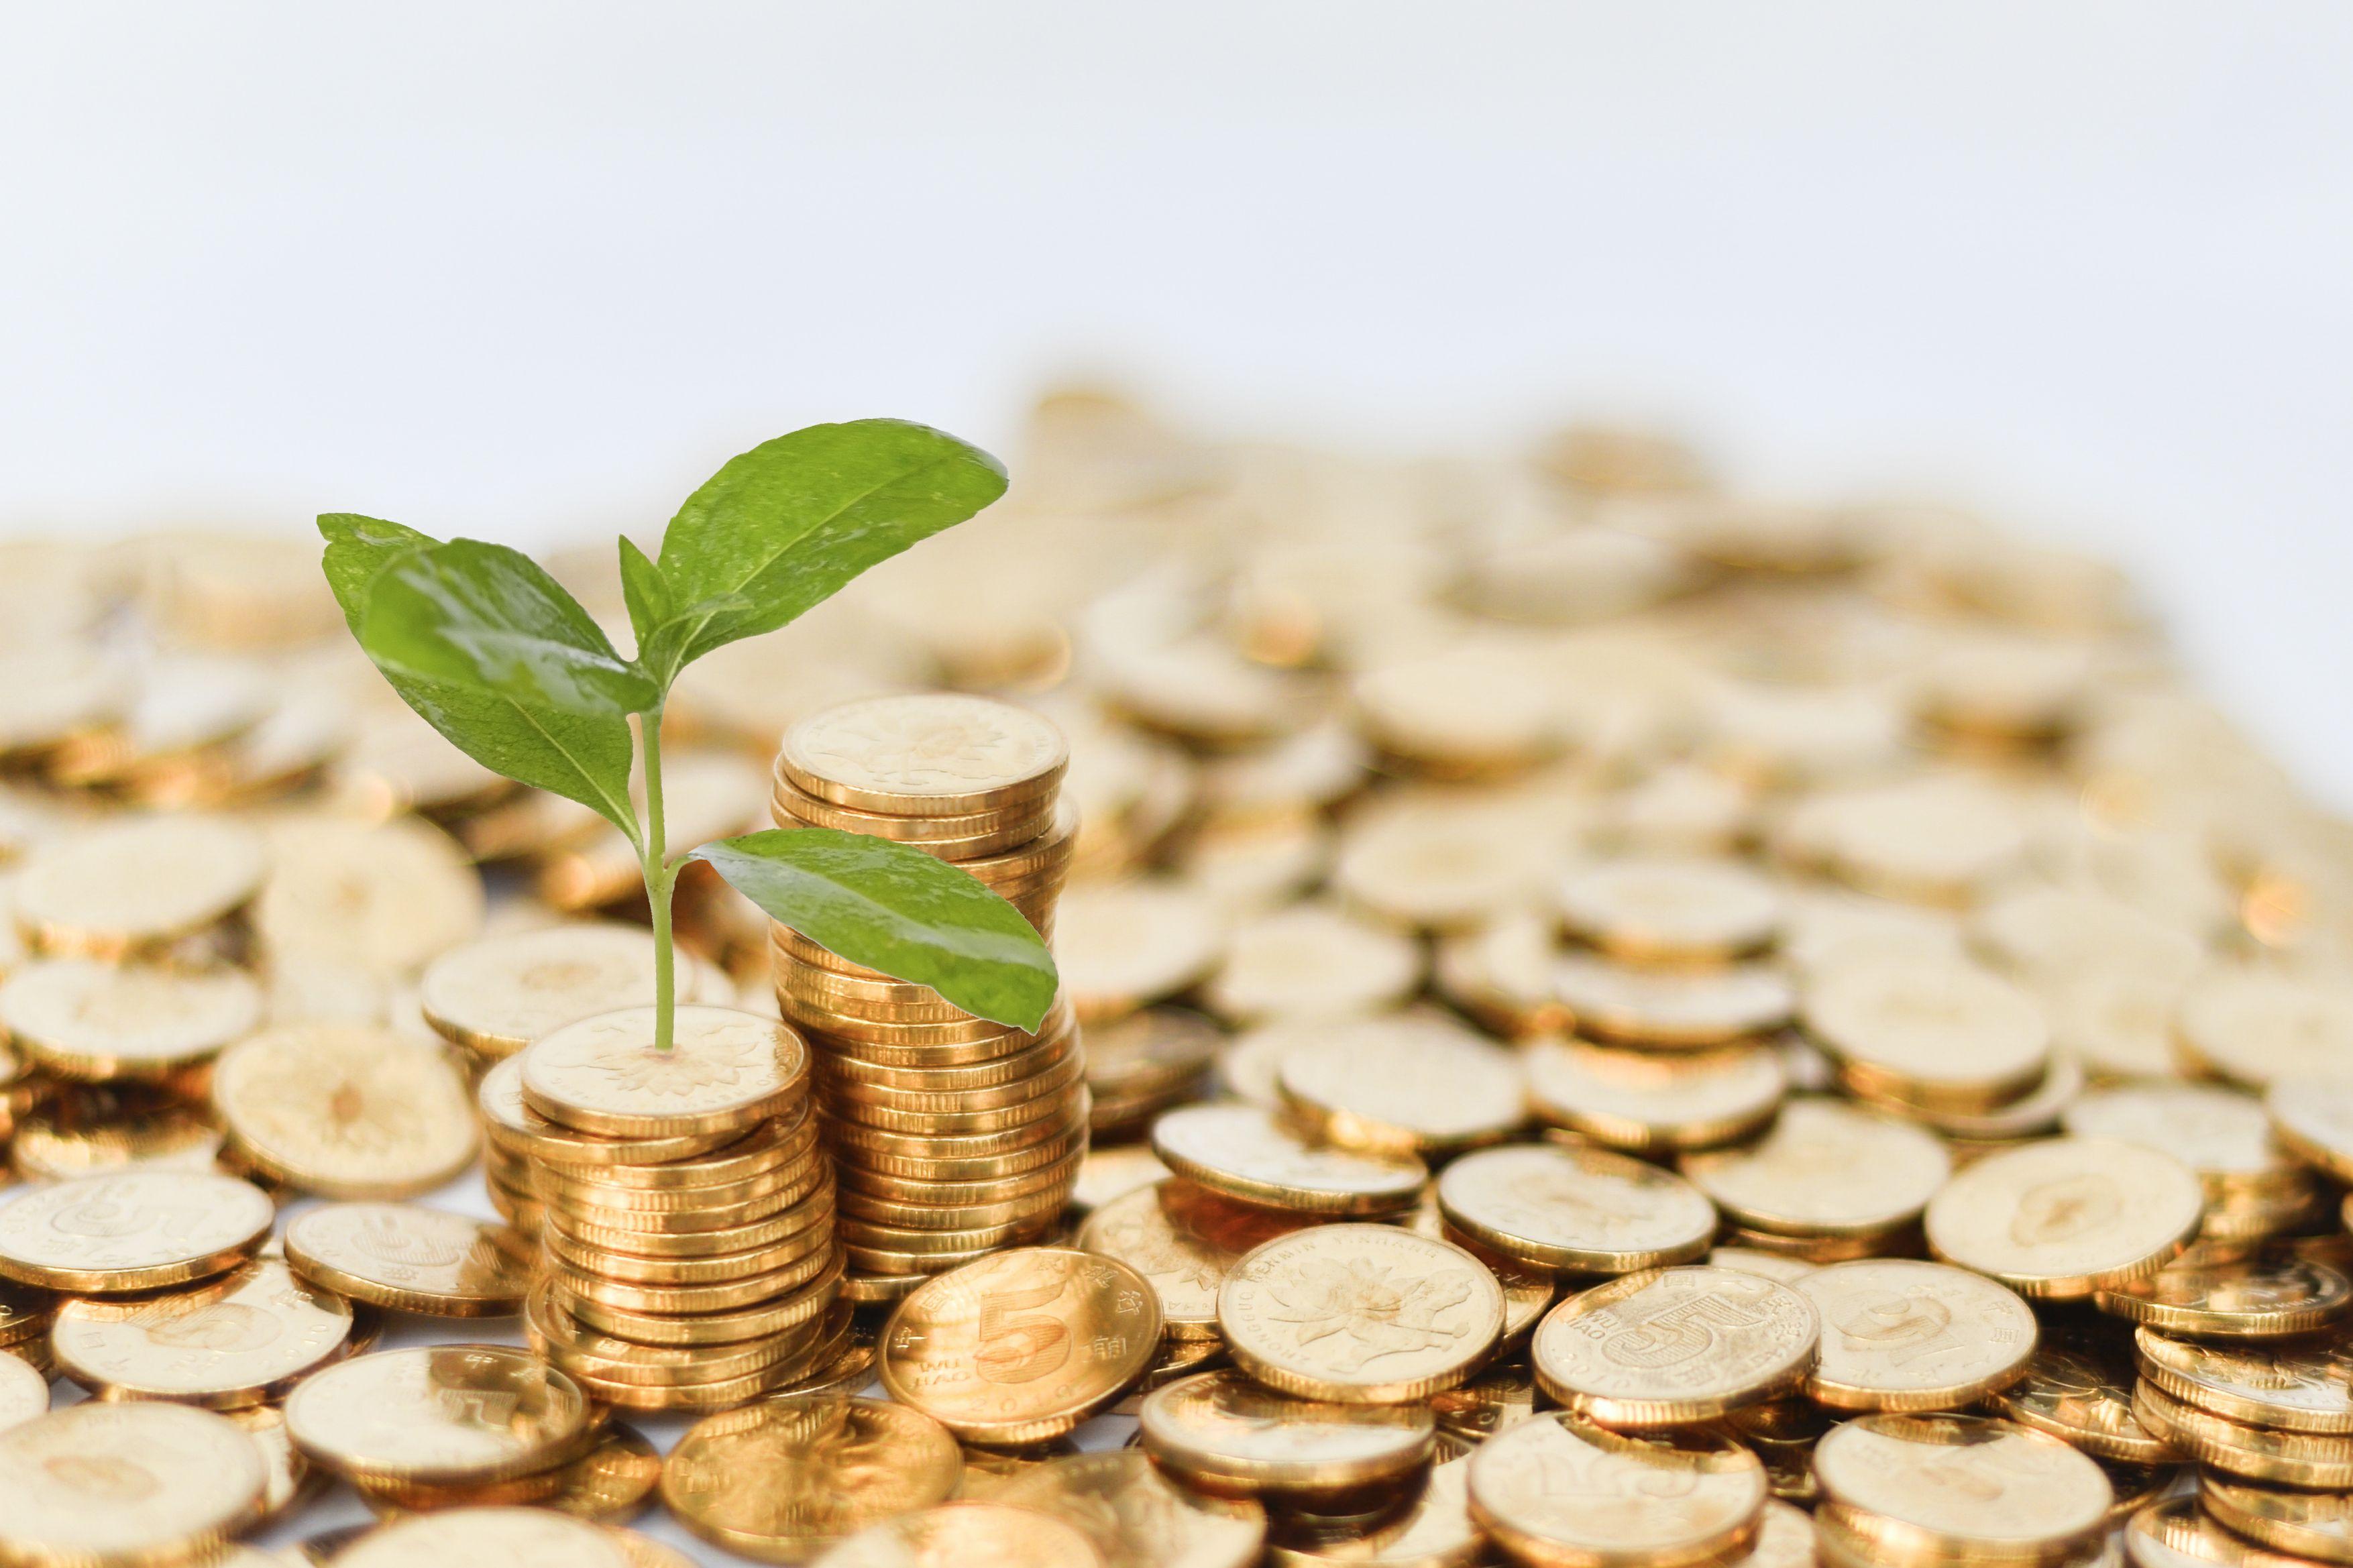 万亿成交以外,资金面还有哪些特征值得留意?